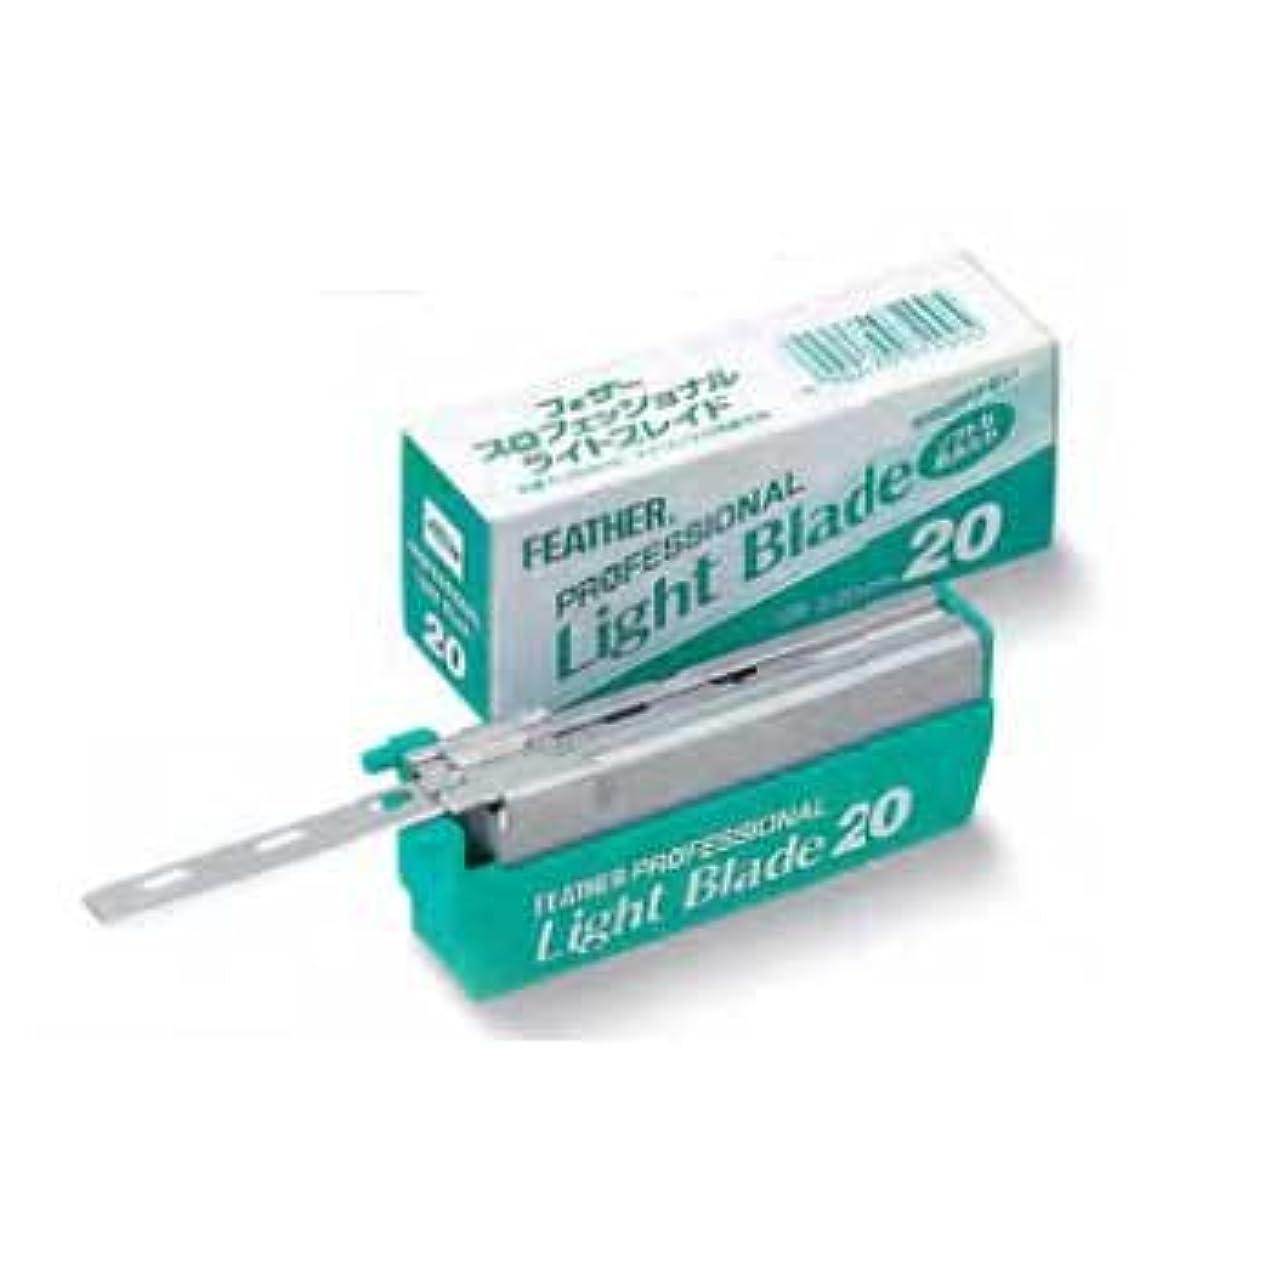 第四スツール電球フェザー プロフェッショナル ライトブレイド PL-20 20枚×10 替刃 刃の出が少ないソフトな肌当たり FEATHER アーティストクラブ用替刃